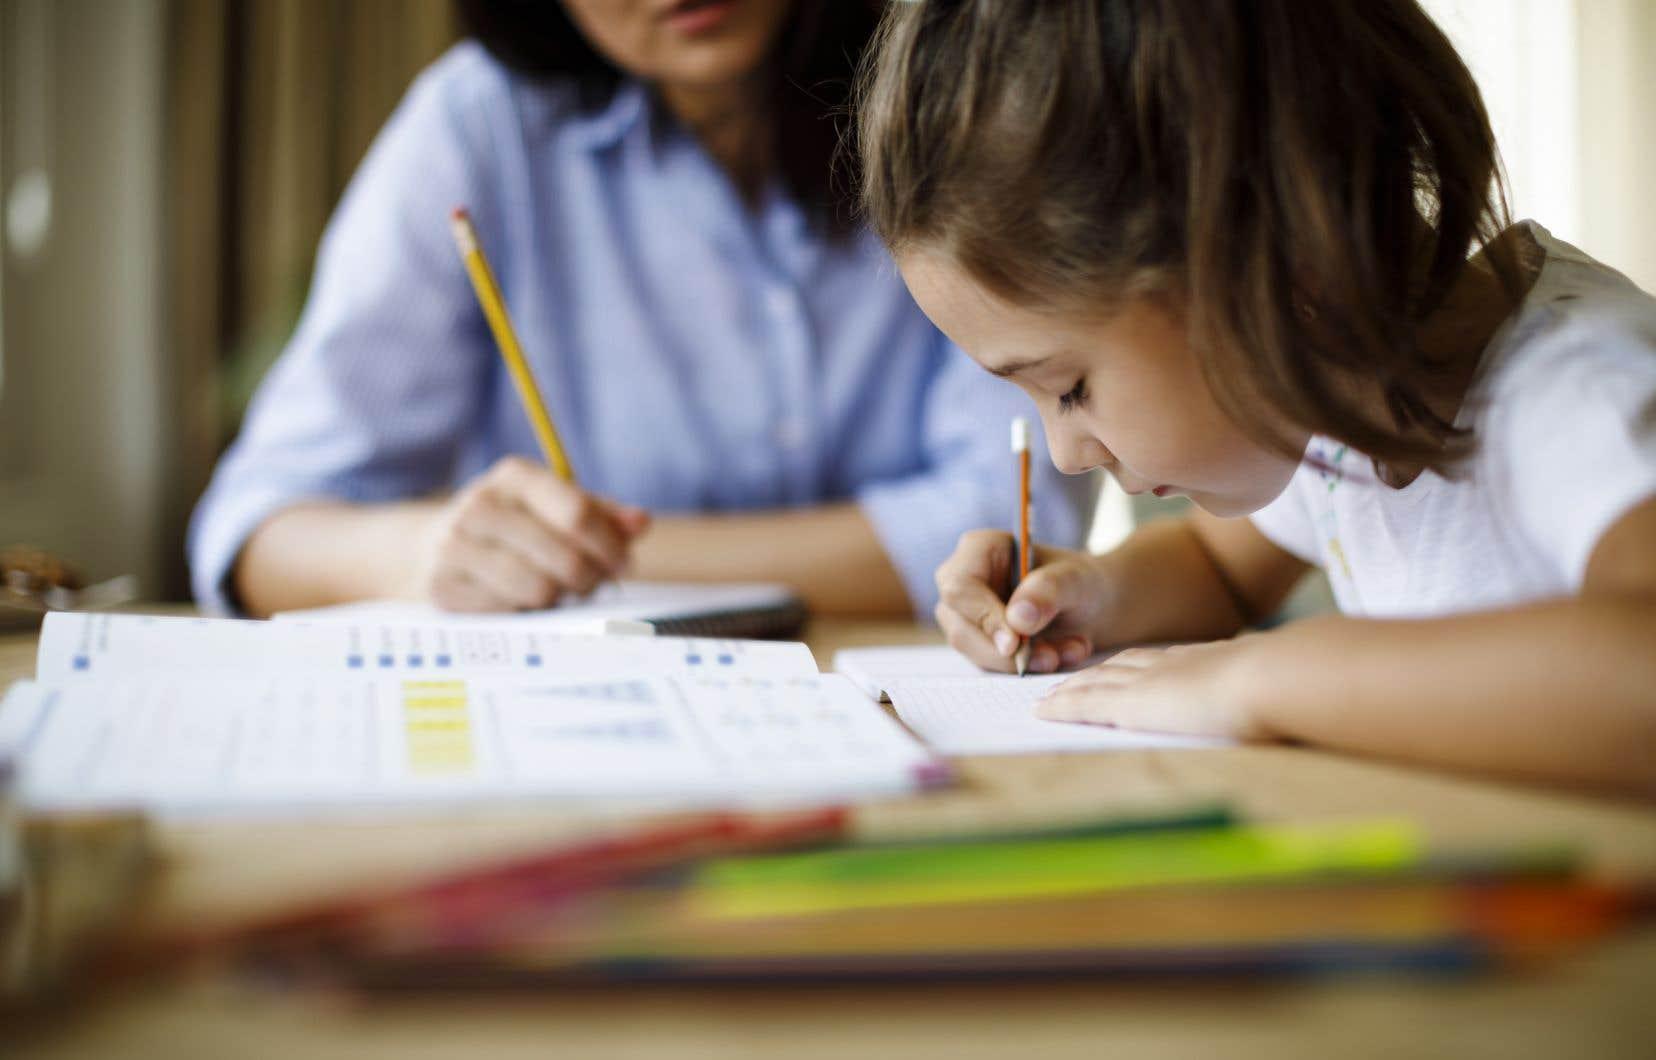 Selon lachercheuse postdoctorale de l'Université YorkBeyhan Farhadi, le système d'apprentissage à distance actuel place les mères monoparentales dans des situations précaires. «Une grande partie du fardeau actuel repose de manière disproportionnée sur des femmes», souligne-t-elle.